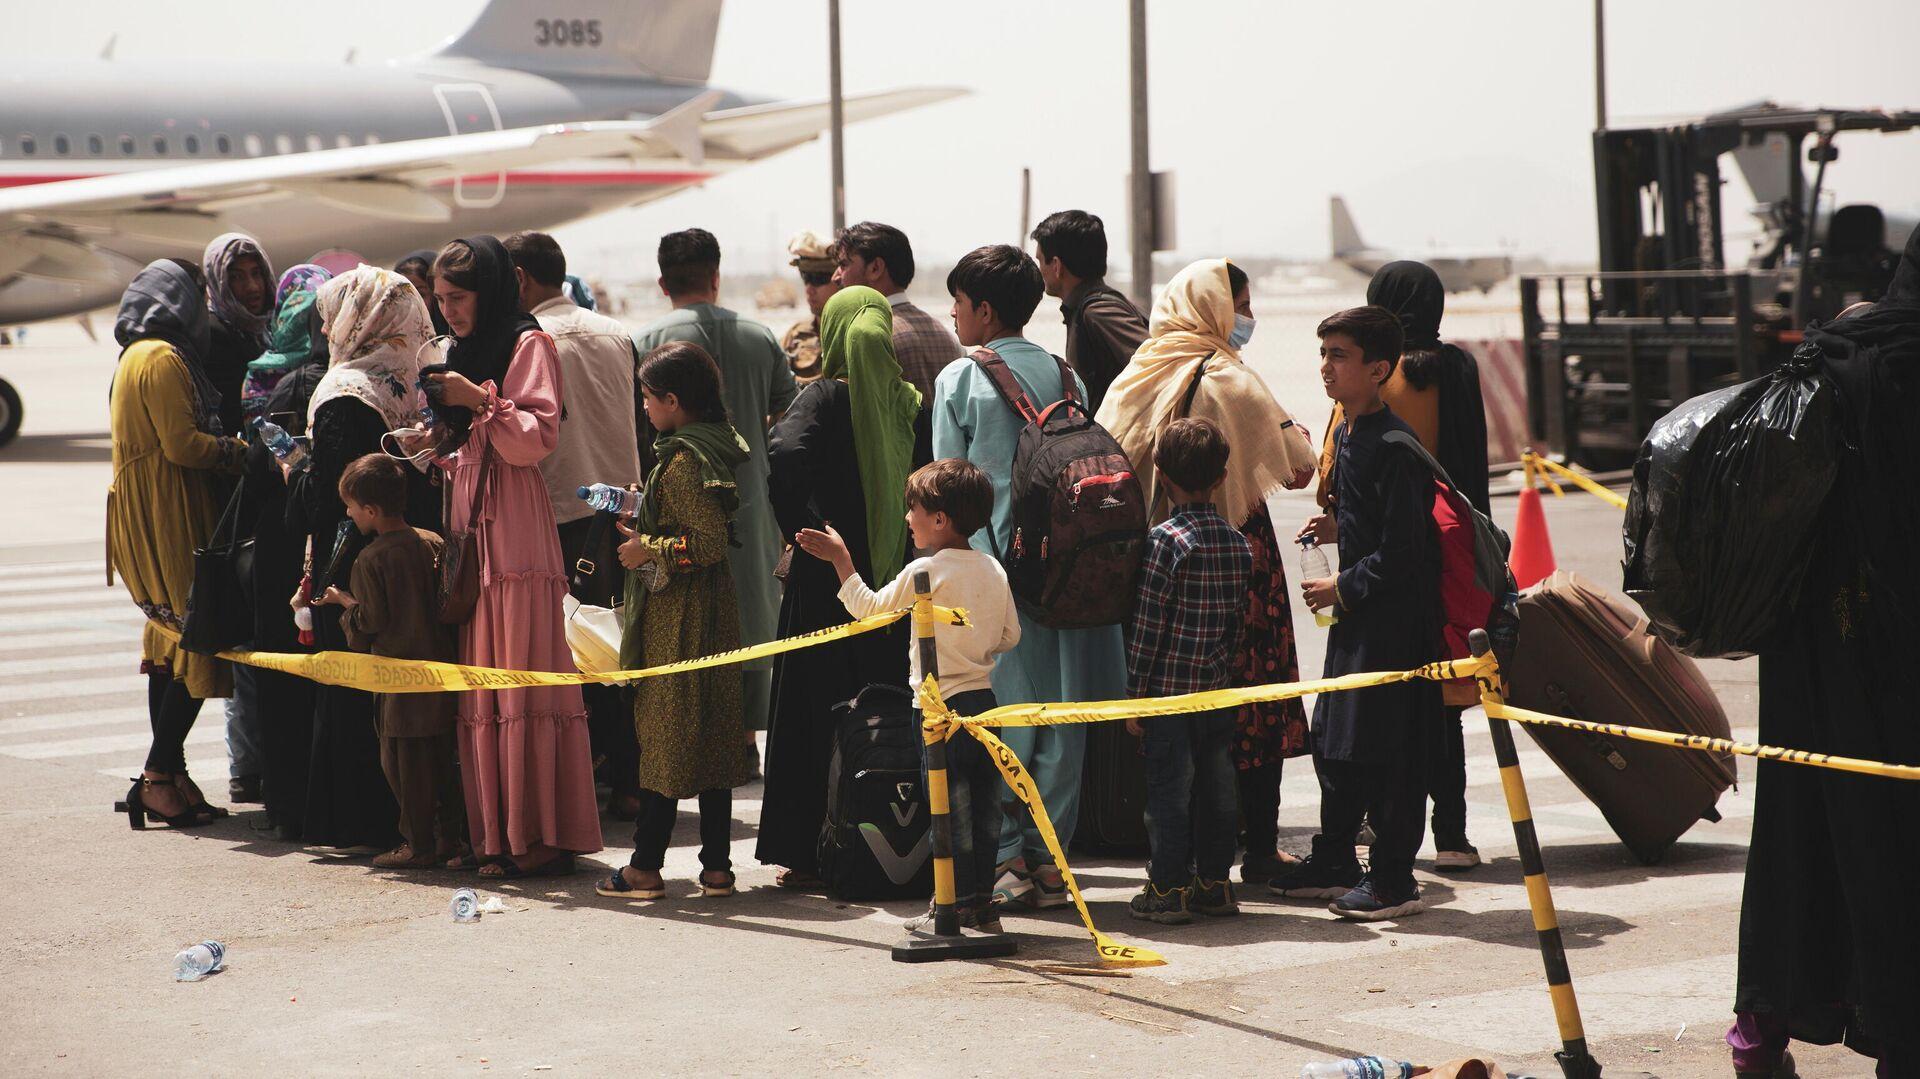 Civiles abordan un avión durante una evacuación en el Aeropuerto Internacional Hamid Karzai, Kabul - Sputnik Mundo, 1920, 24.08.2021